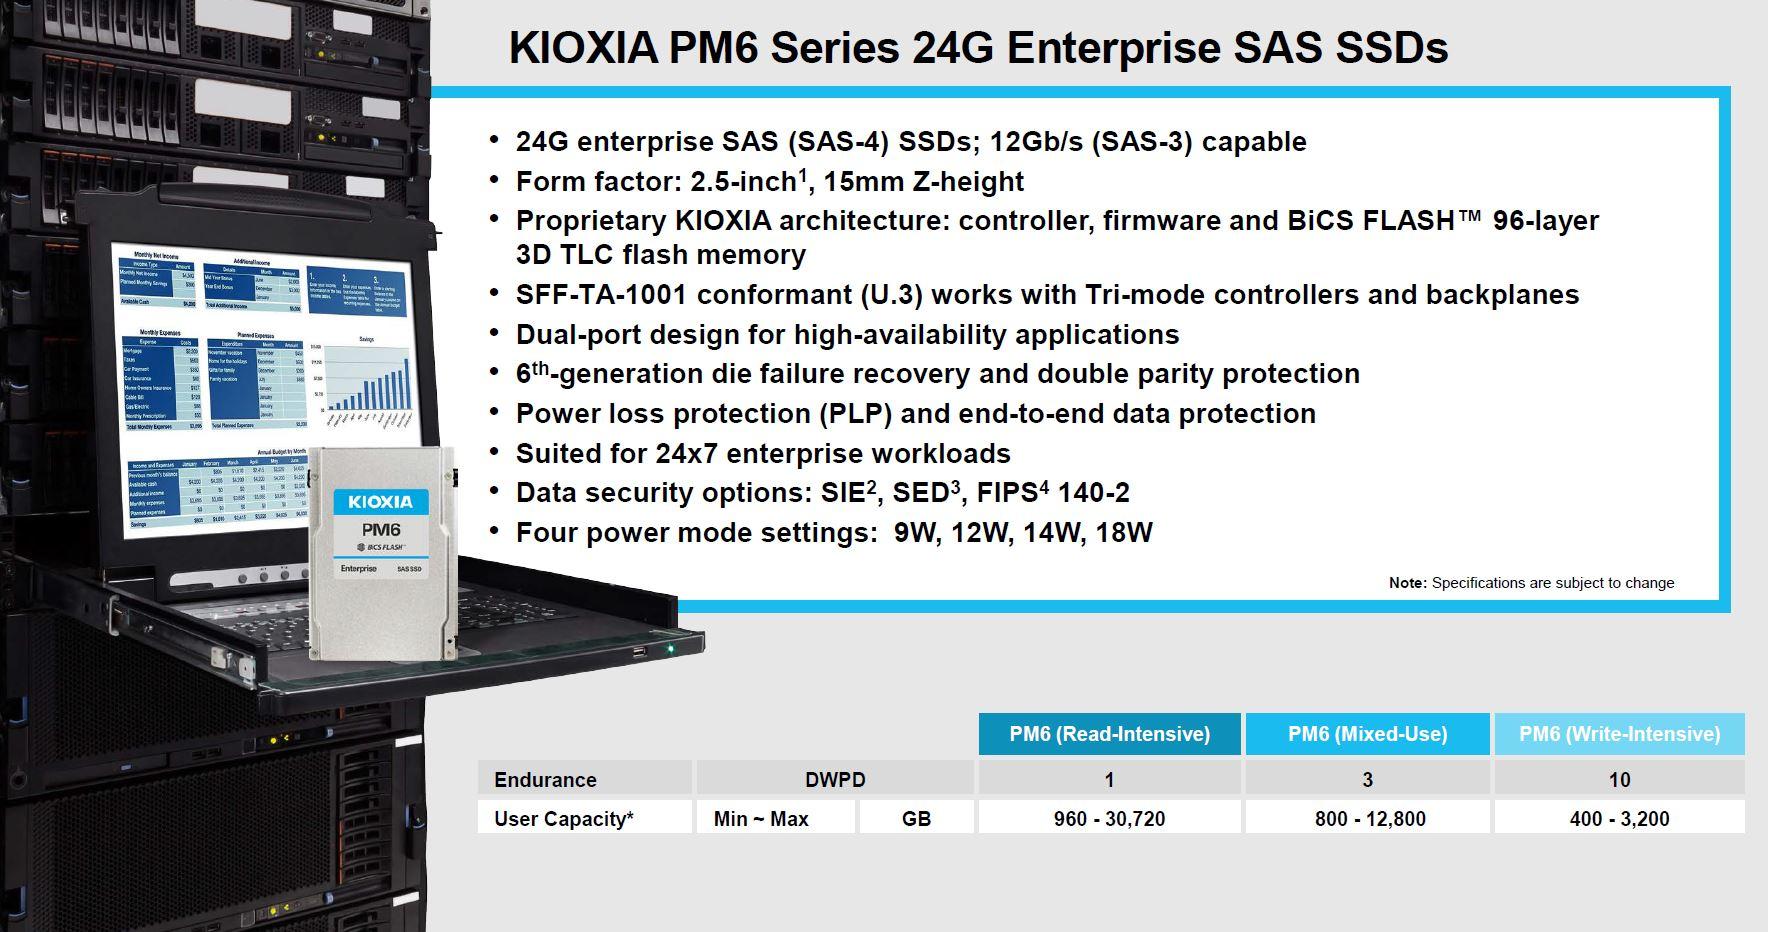 Kioxia PM6 STH Cover